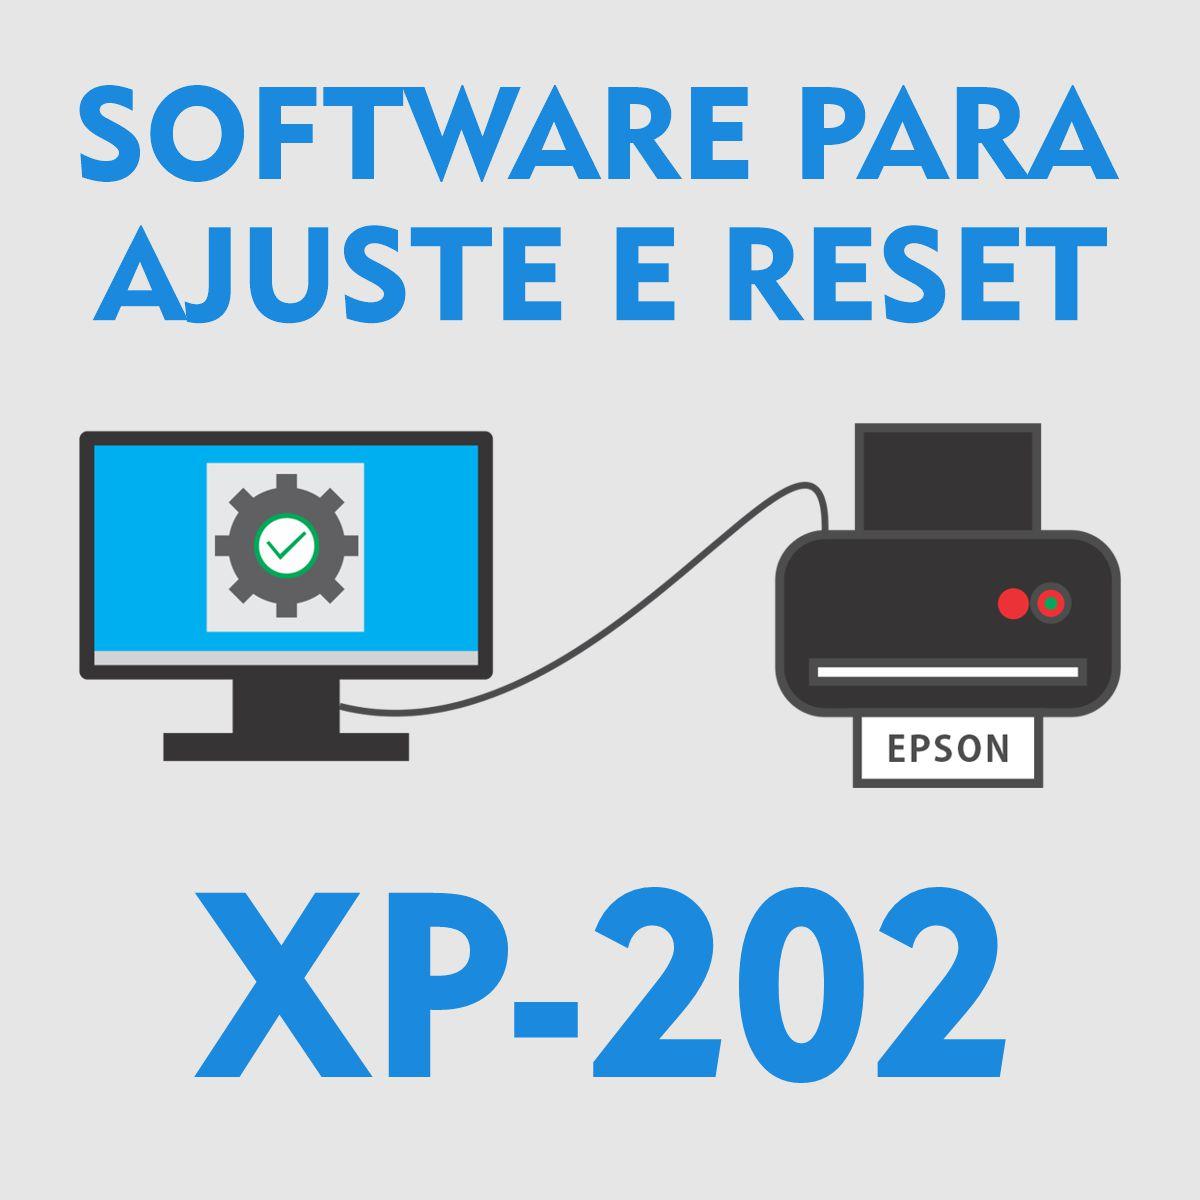 Epson XP-202 | Software para Ajustes e Reset das Almofadas